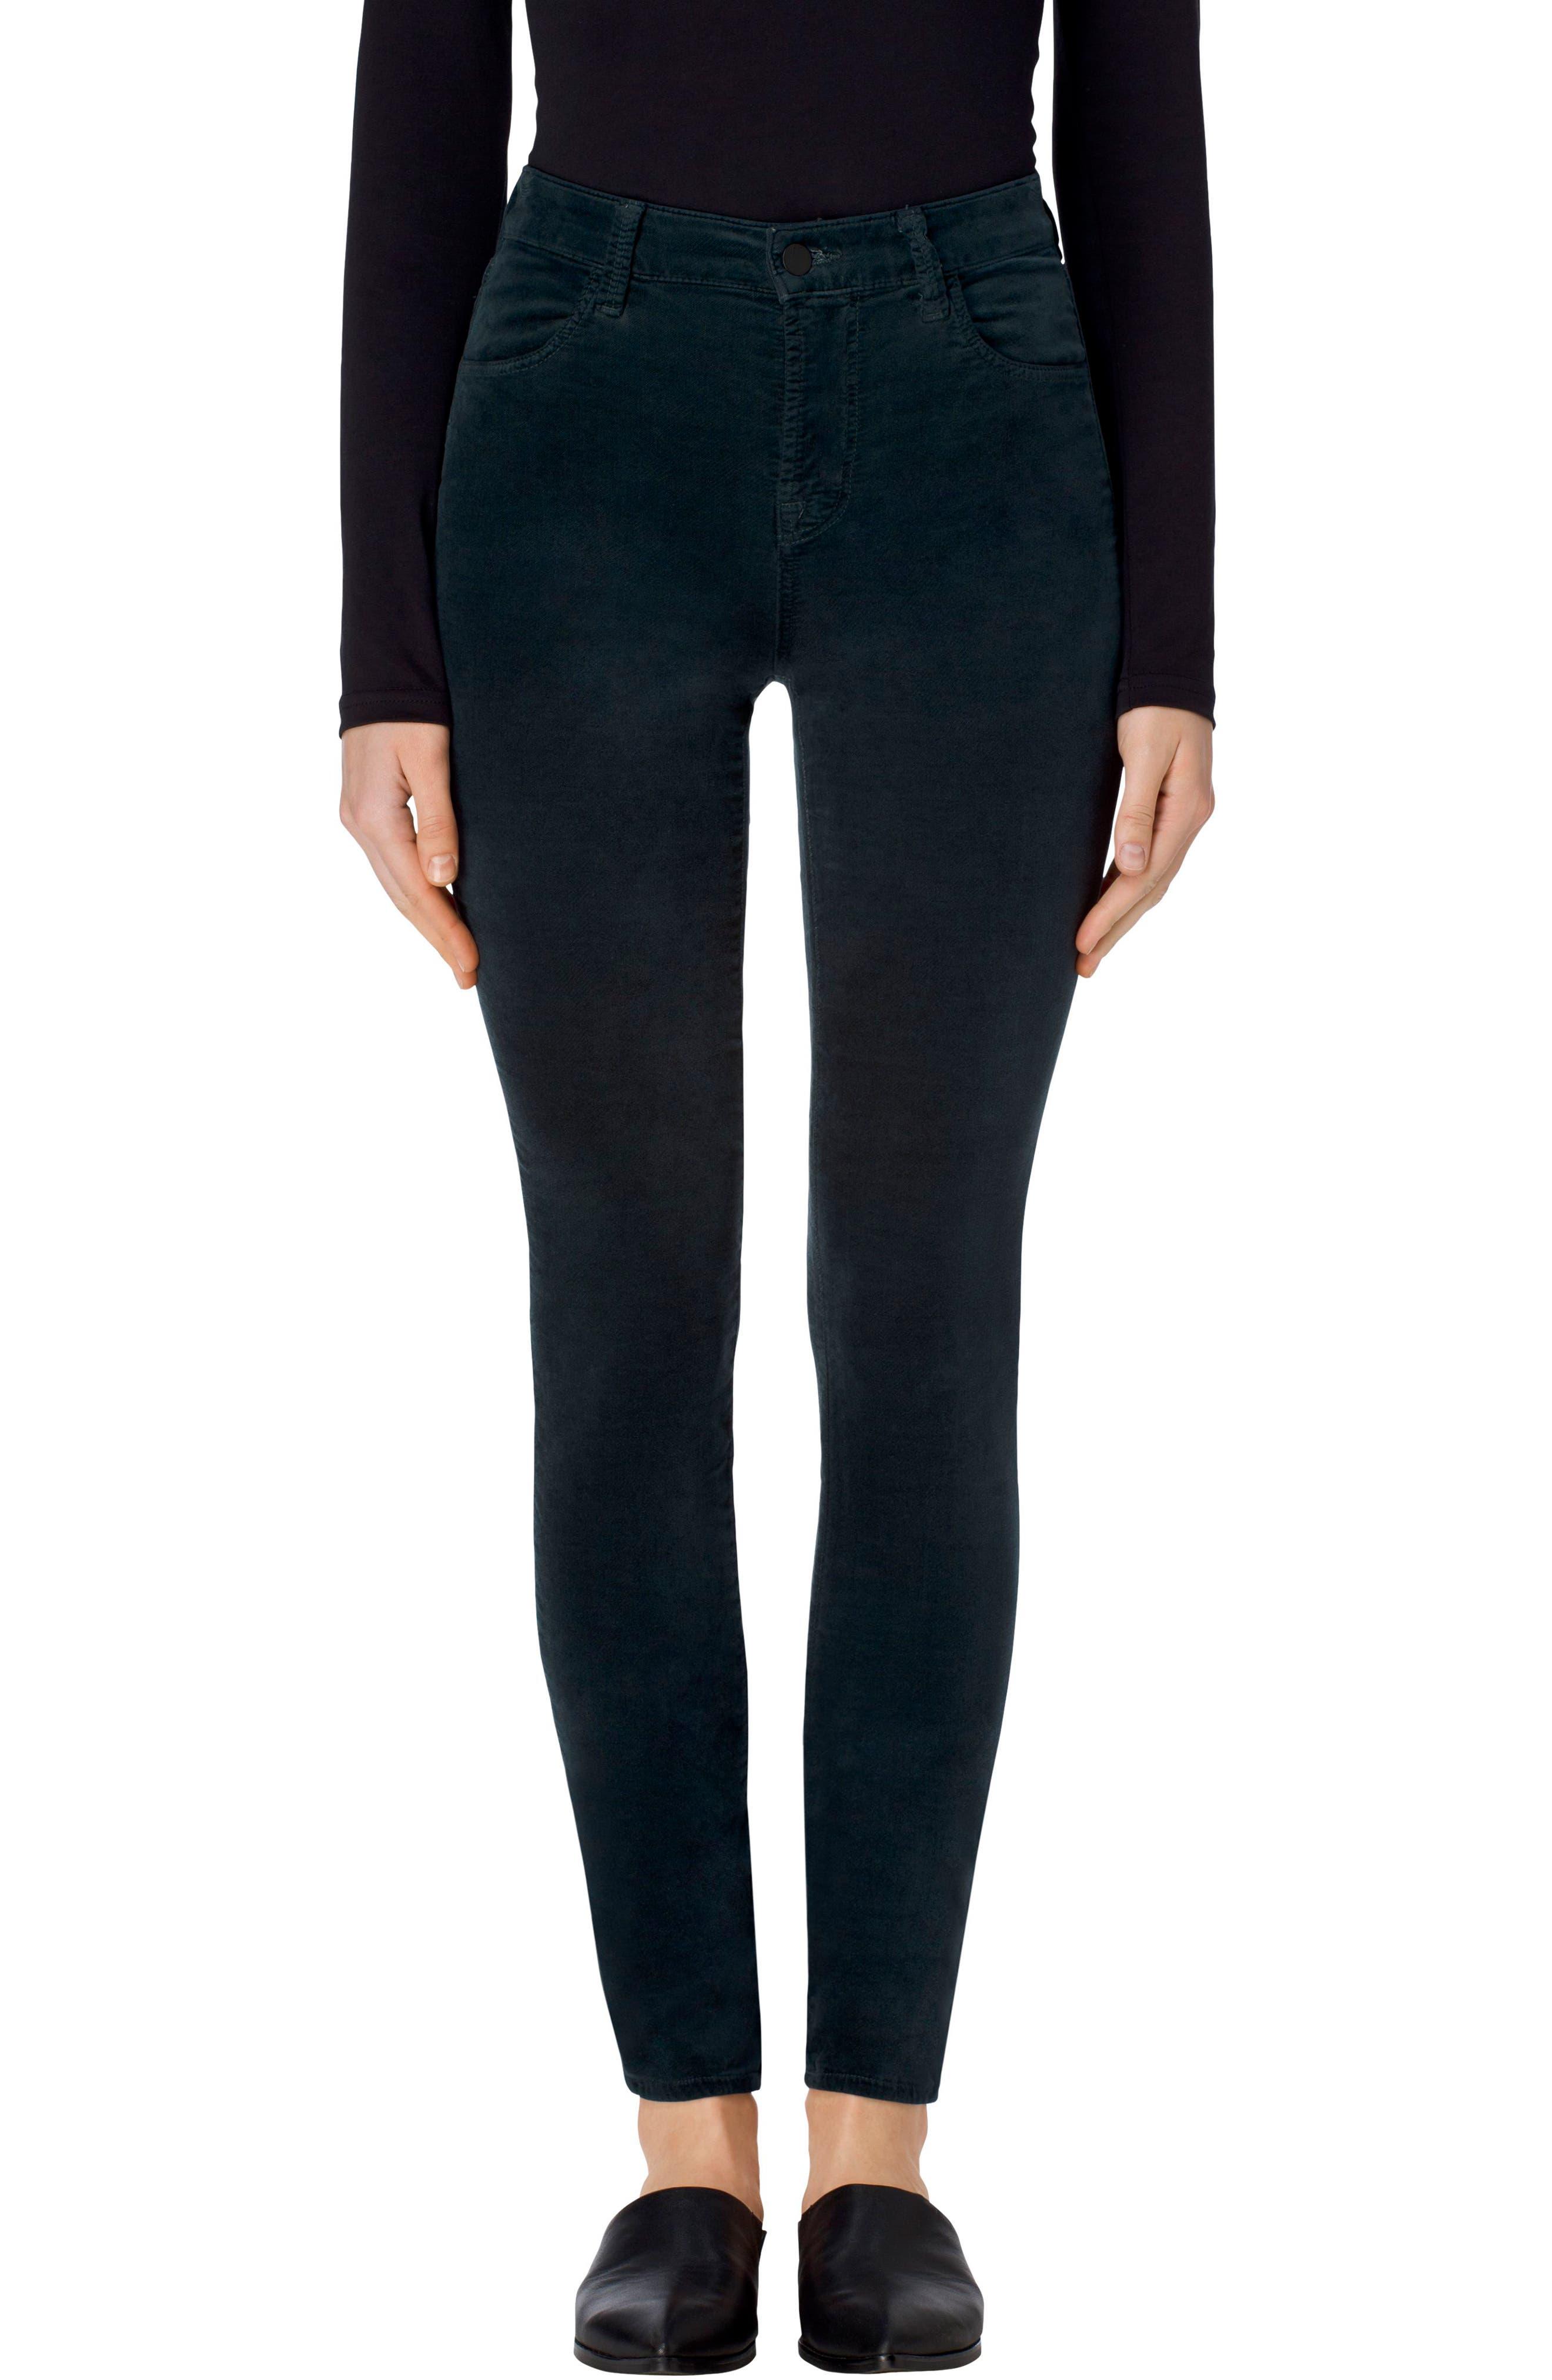 Alternate Image 1 Selected - J Brand Maria High Waist Velvet Skinny Jeans